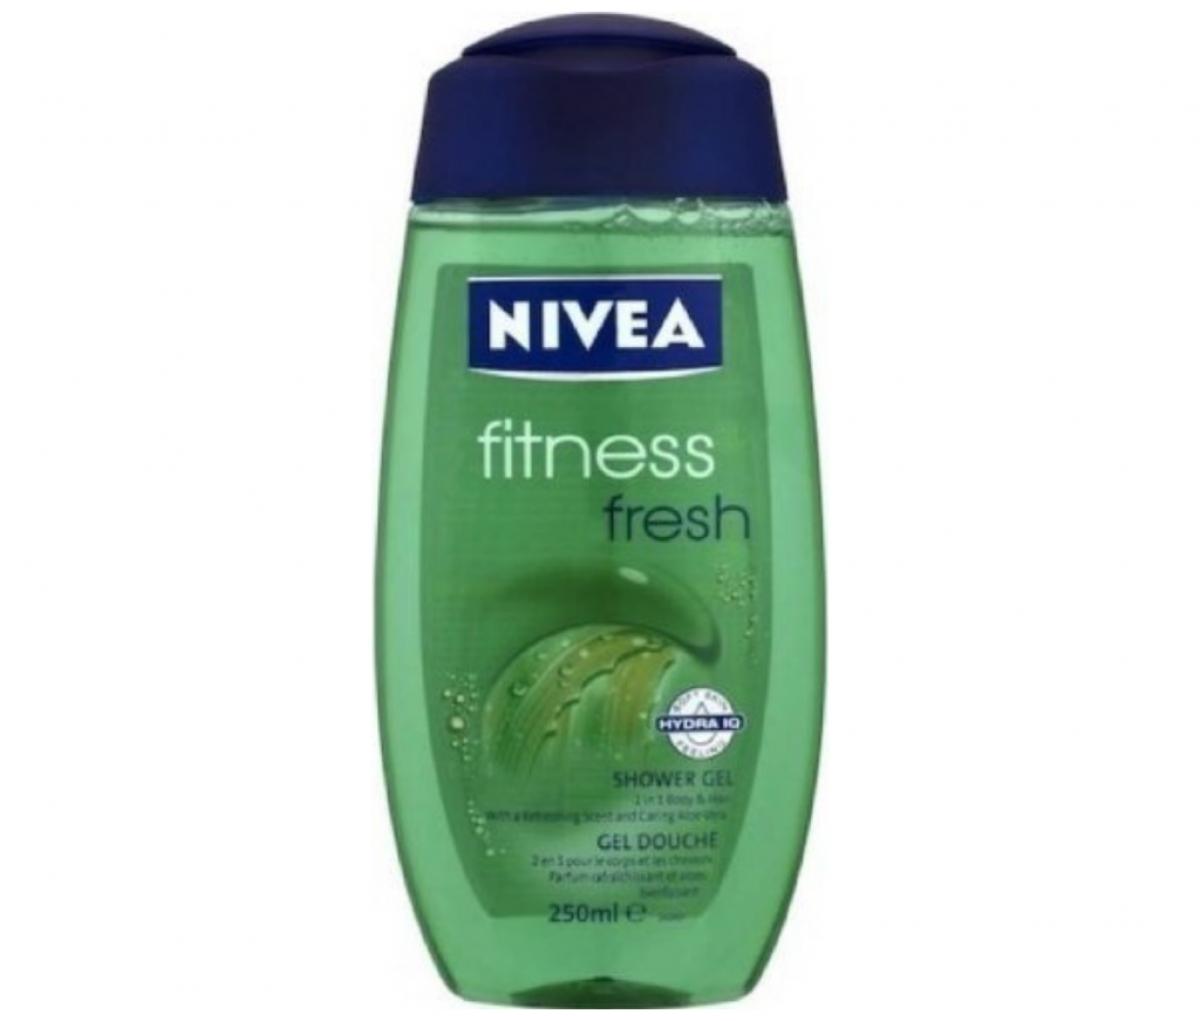 Nivea 250ml Fitness Fresh Shower Gel